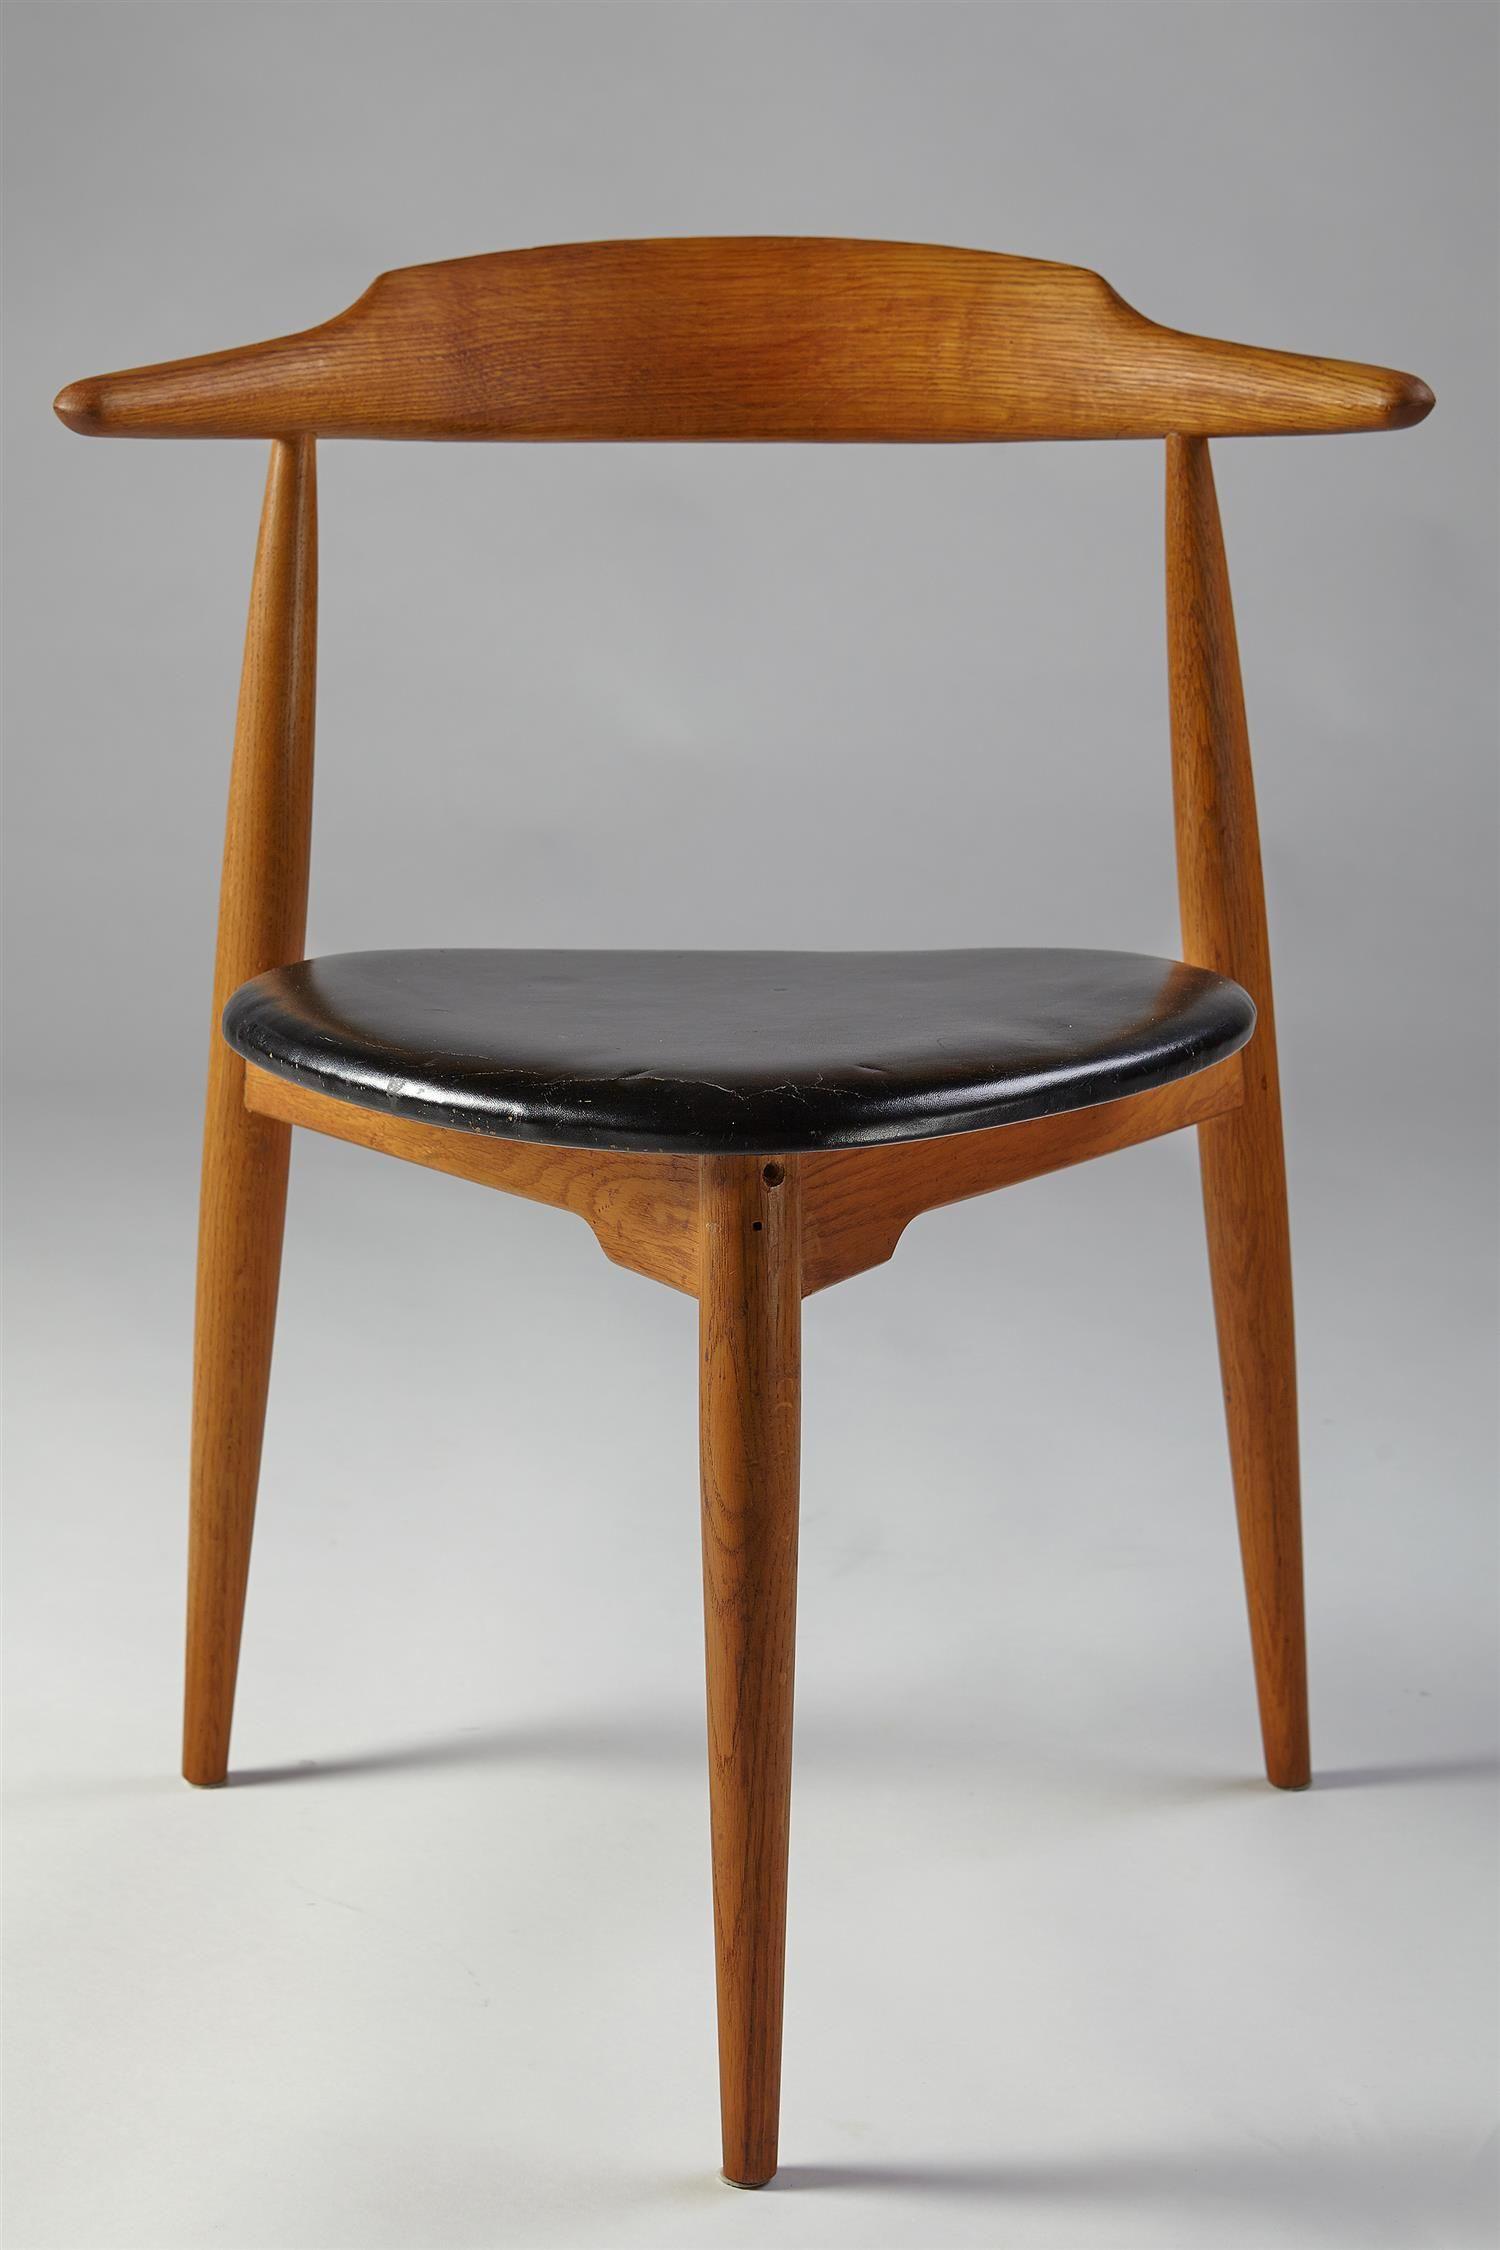 Chairs, Heart chairs. Designed by Hans Wegner for Fritz Hansen, Denmark. 1950s